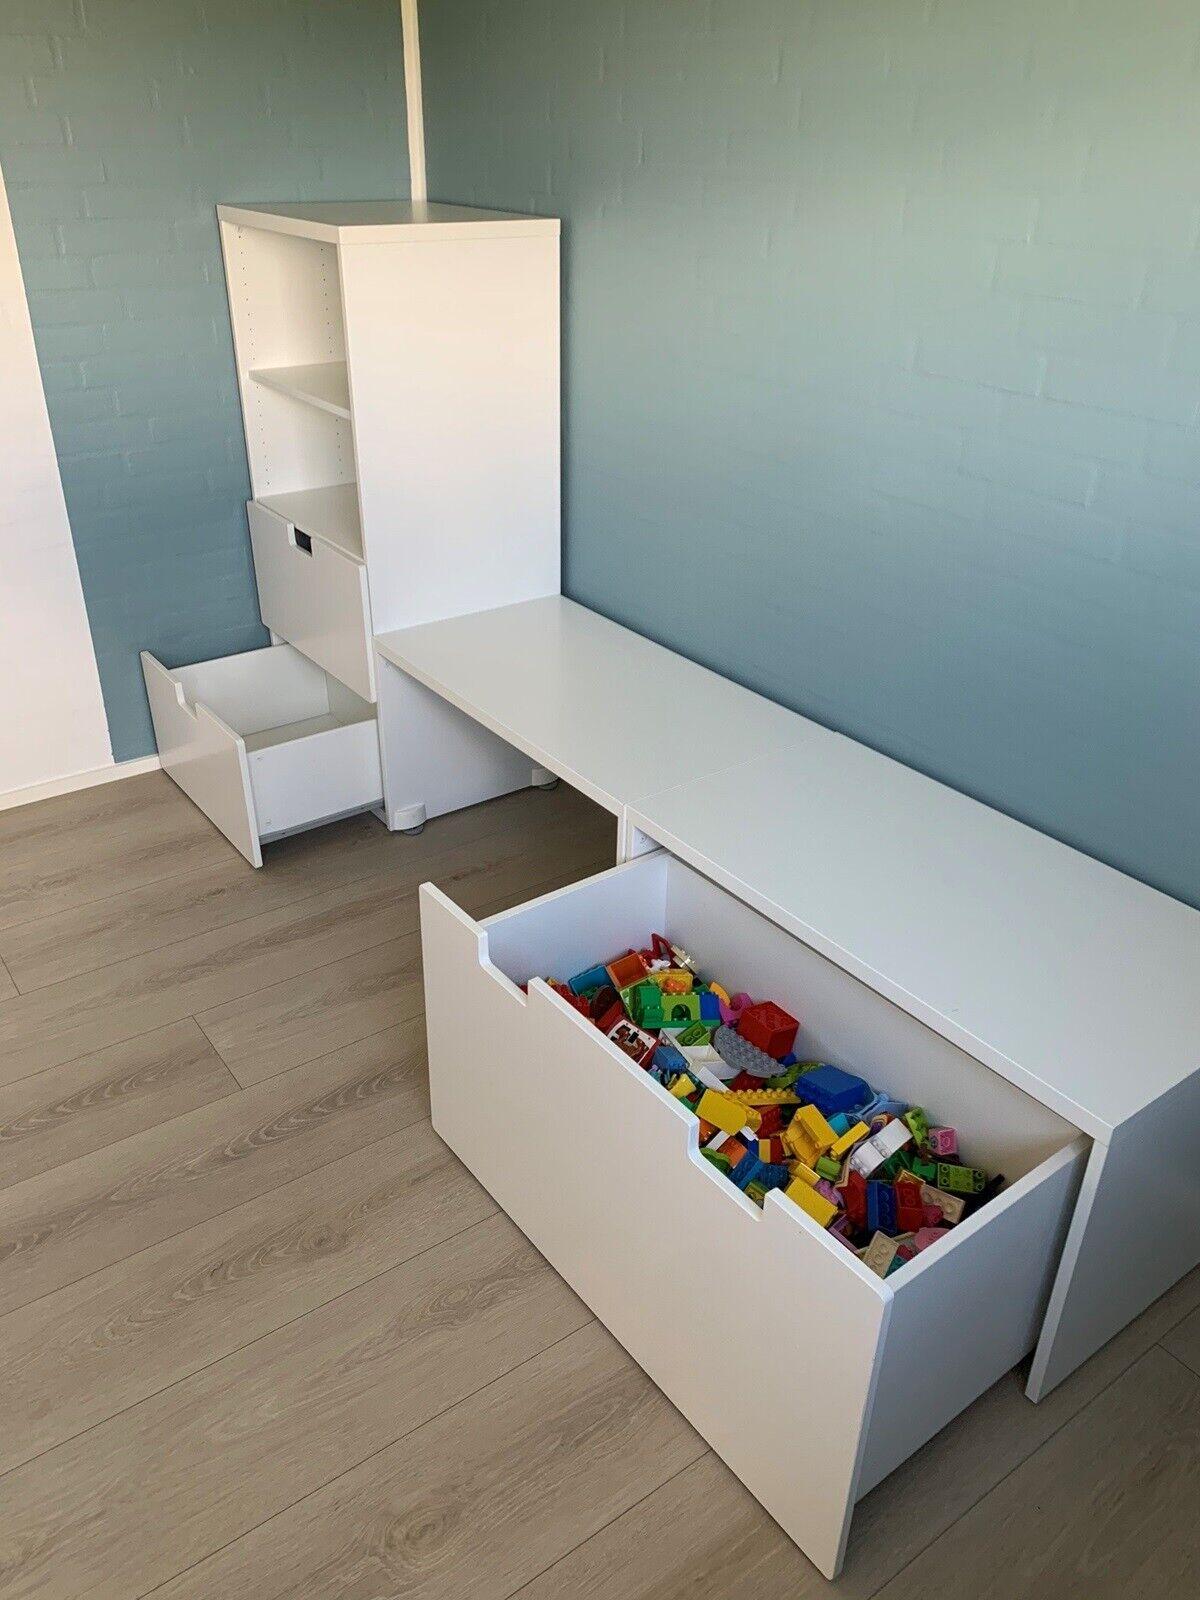 Picture of: Opbevaring Ikea Stuva Dba Dk Kob Og Salg Af Nyt Og Brugt